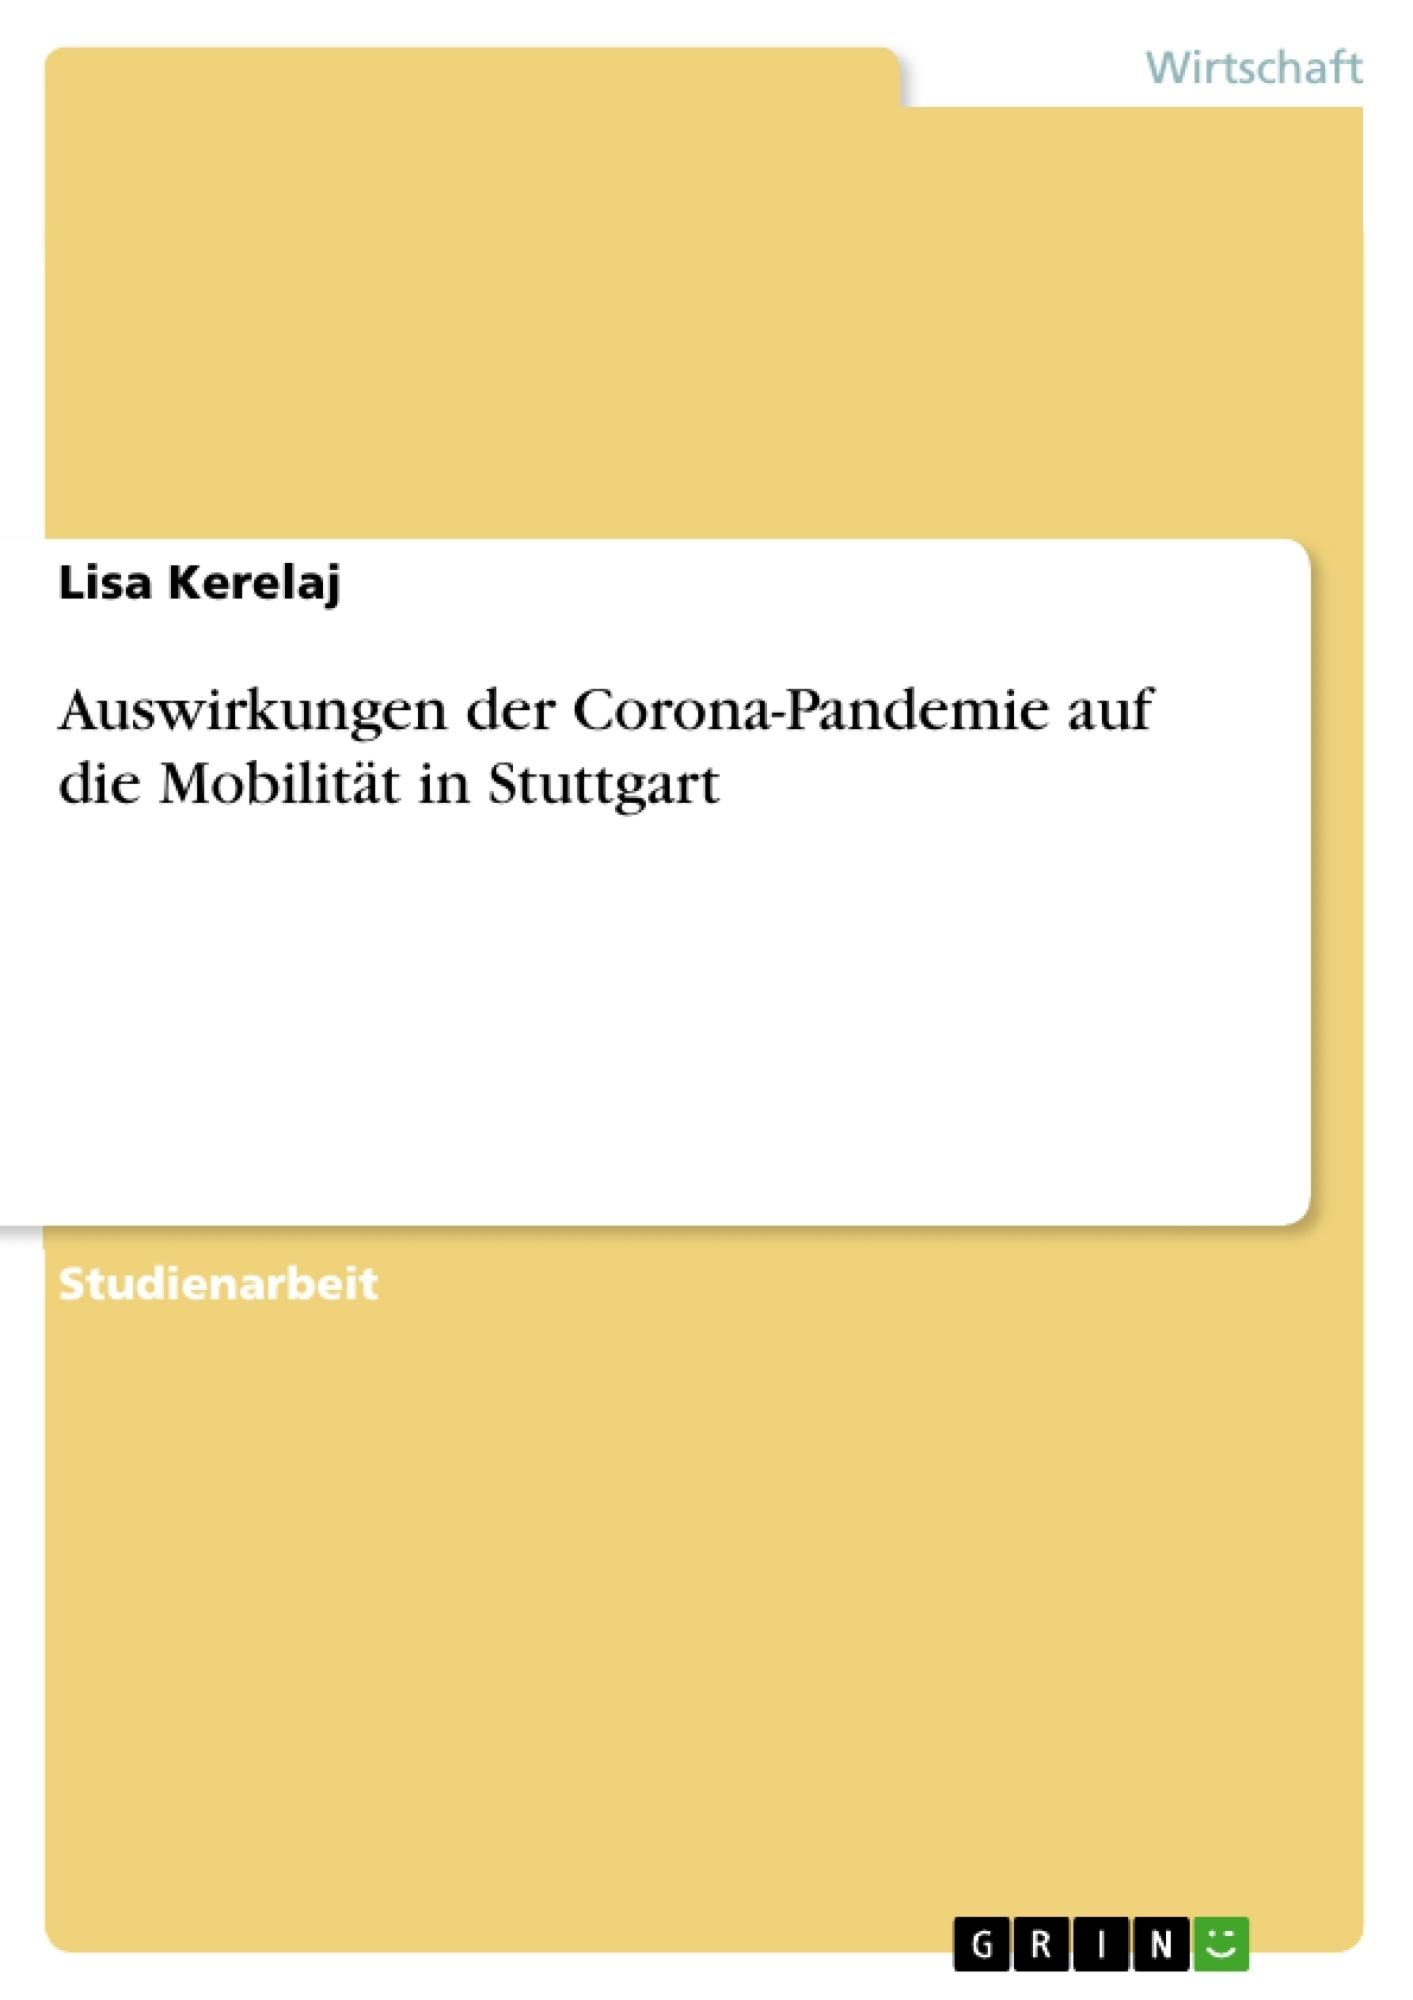 Titel: Auswirkungen der Corona-Pandemie auf die Mobilität in Stuttgart